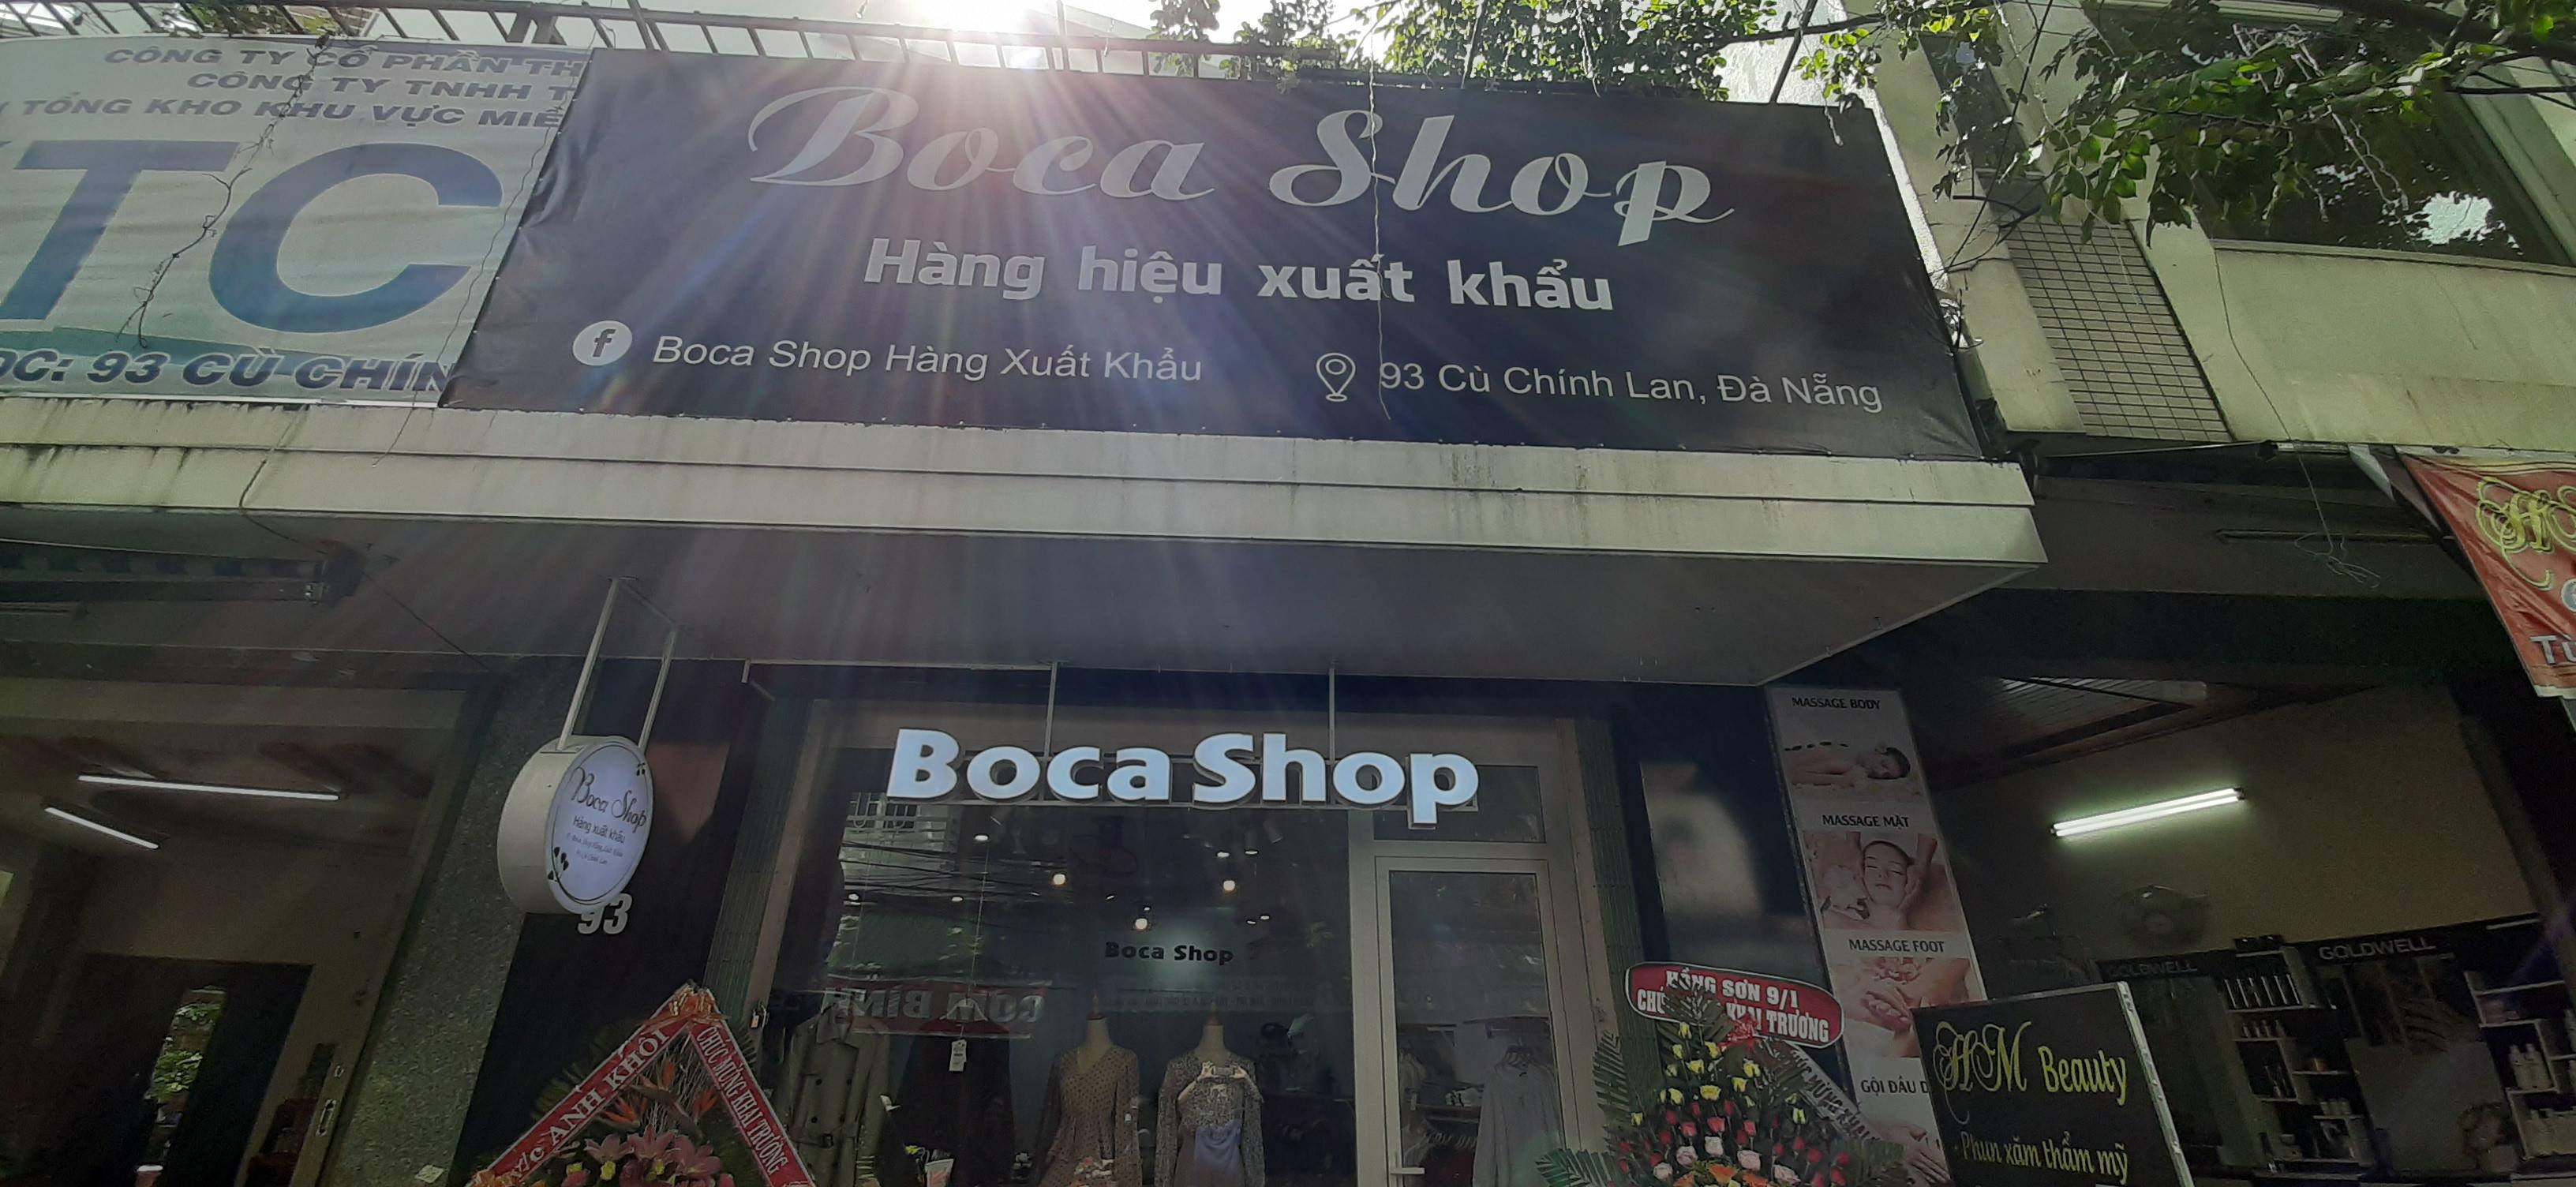 Bảng quảng cáo Bạt - thi công quảng cáo nguonsangxanh.com - 0932032500